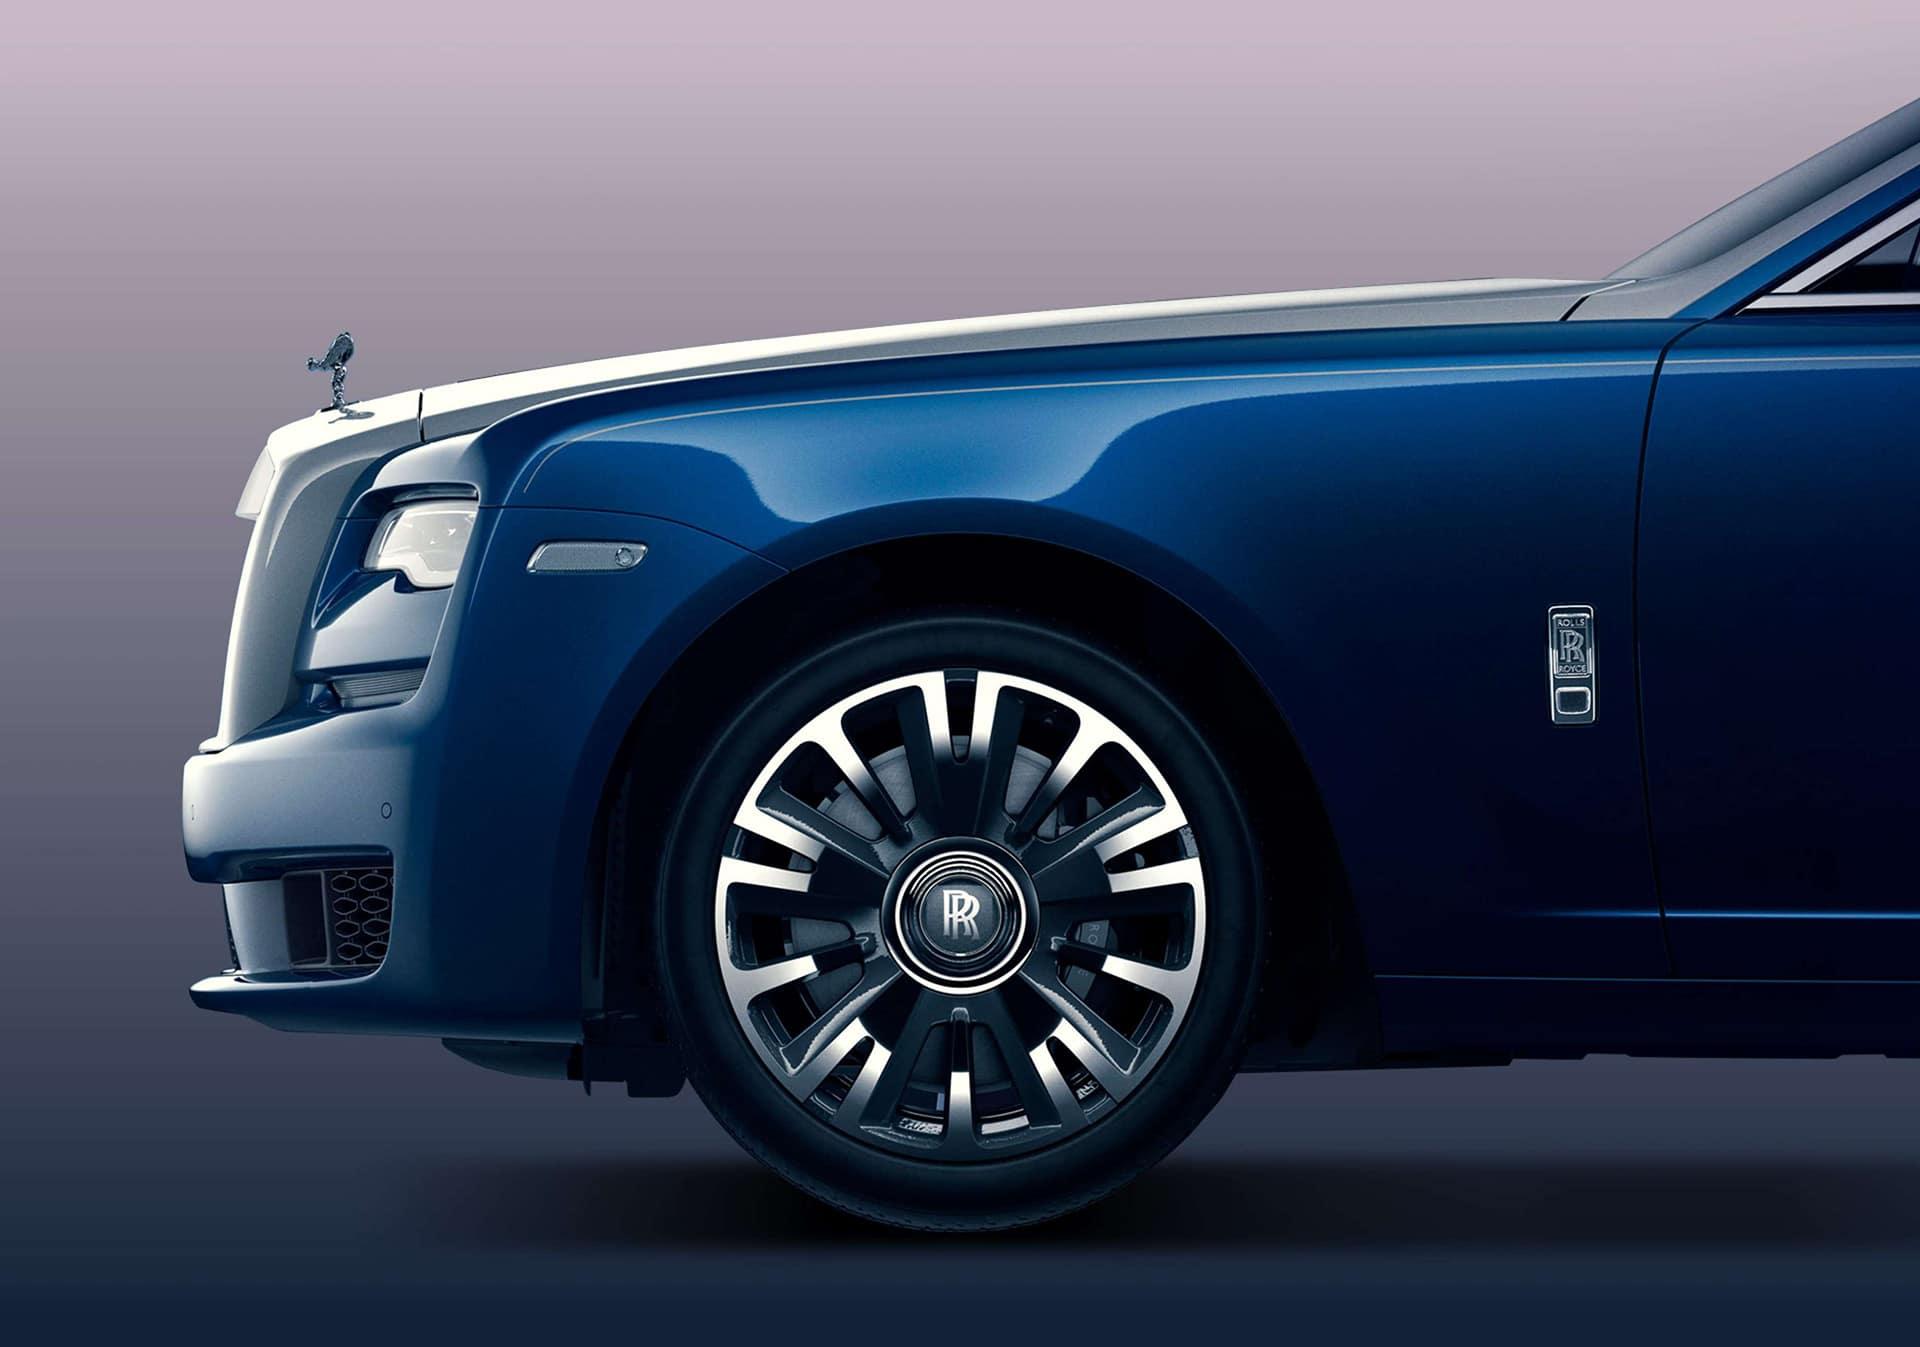 2020 Rolls Royce Ghost Wheel